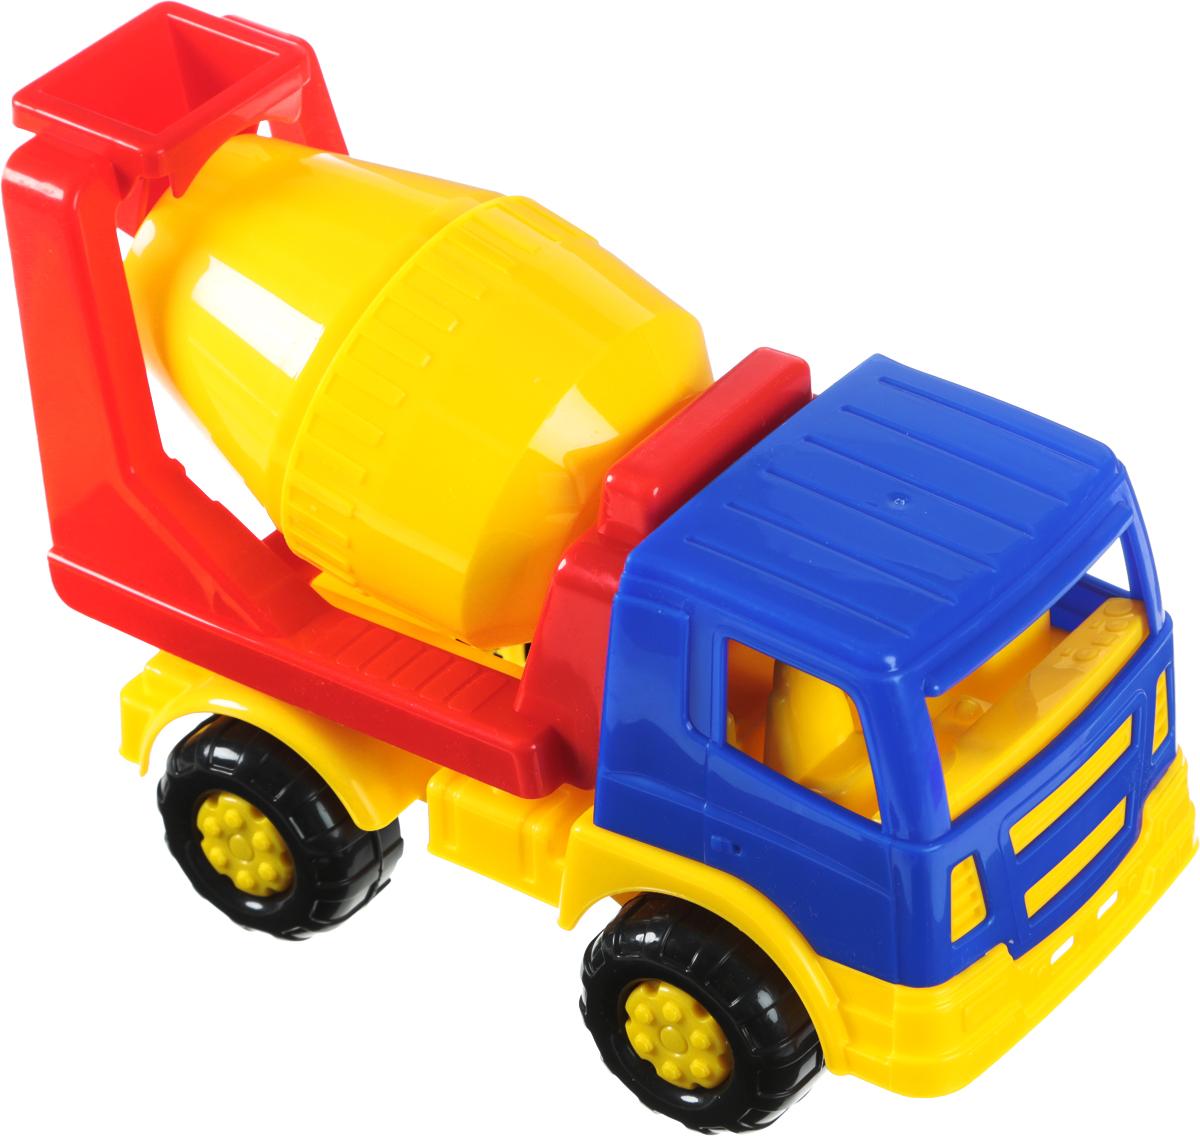 Полесье Автомобиль-бетоновоз Салют цвет кабины синий полесье автомобиль дпс волгоград